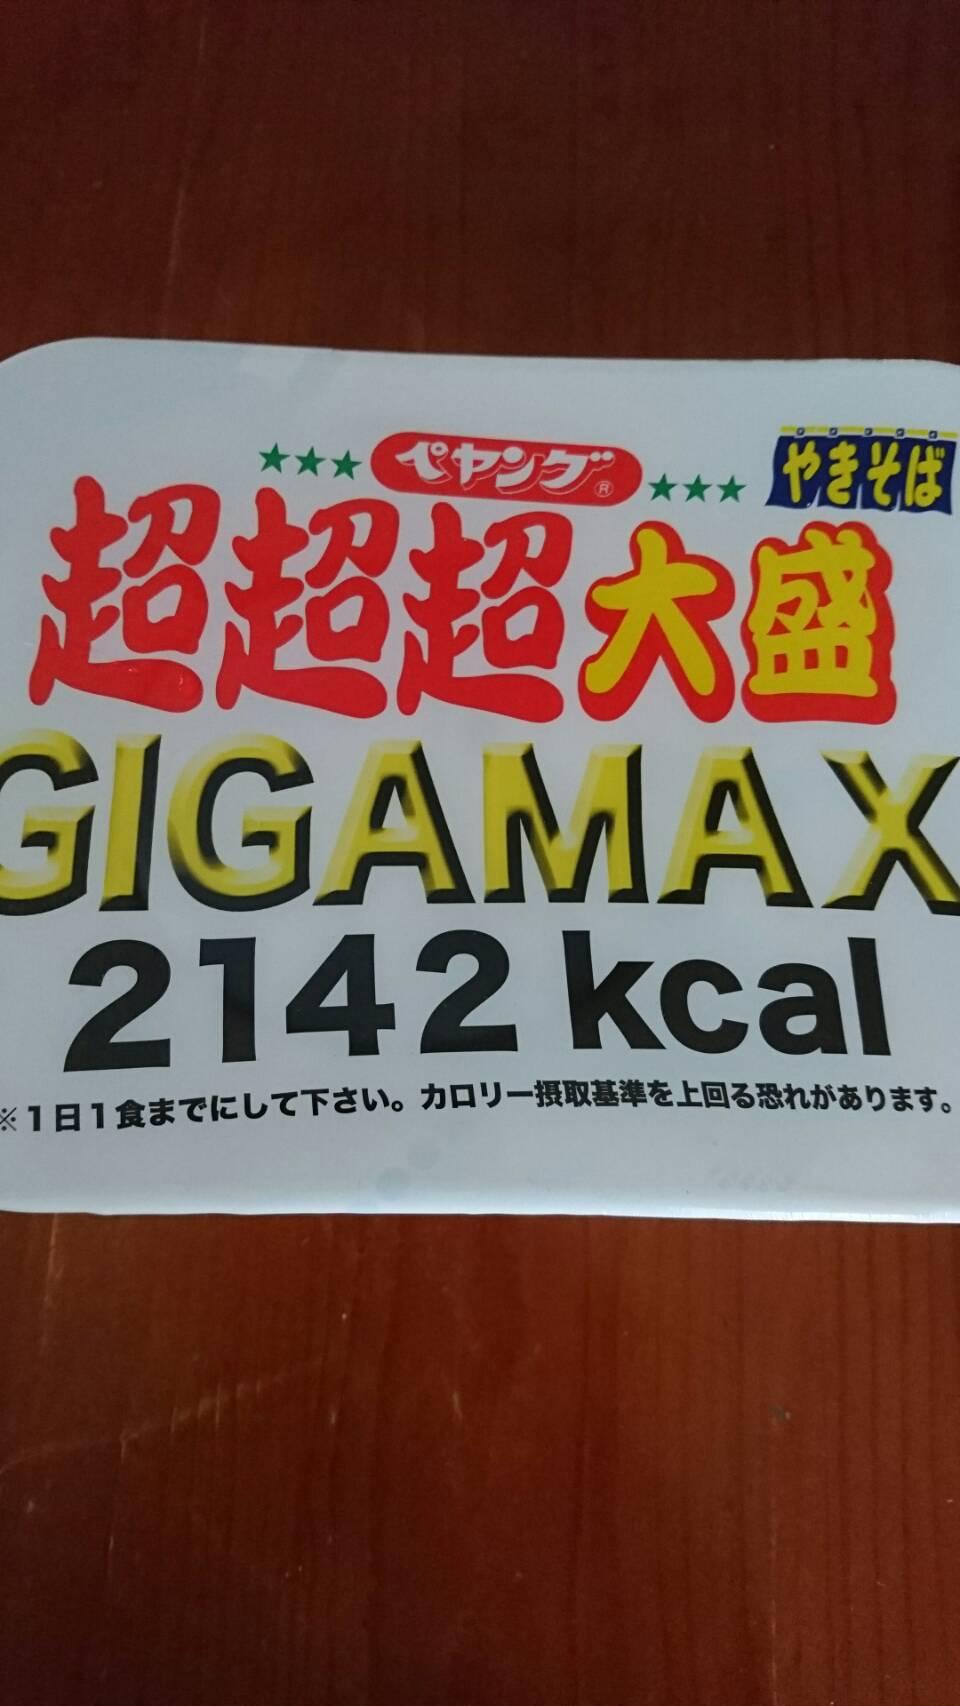 gigaMAX.jpg